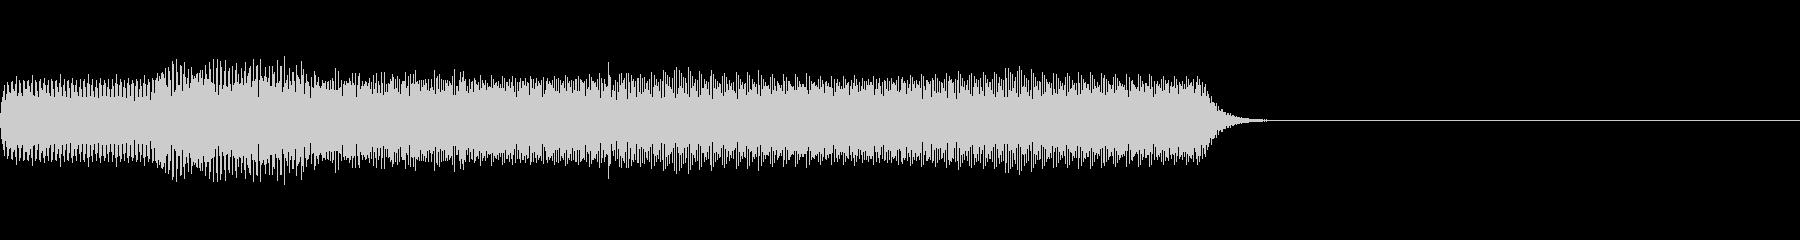 レトロゲーム風のゲームオーバー音の未再生の波形